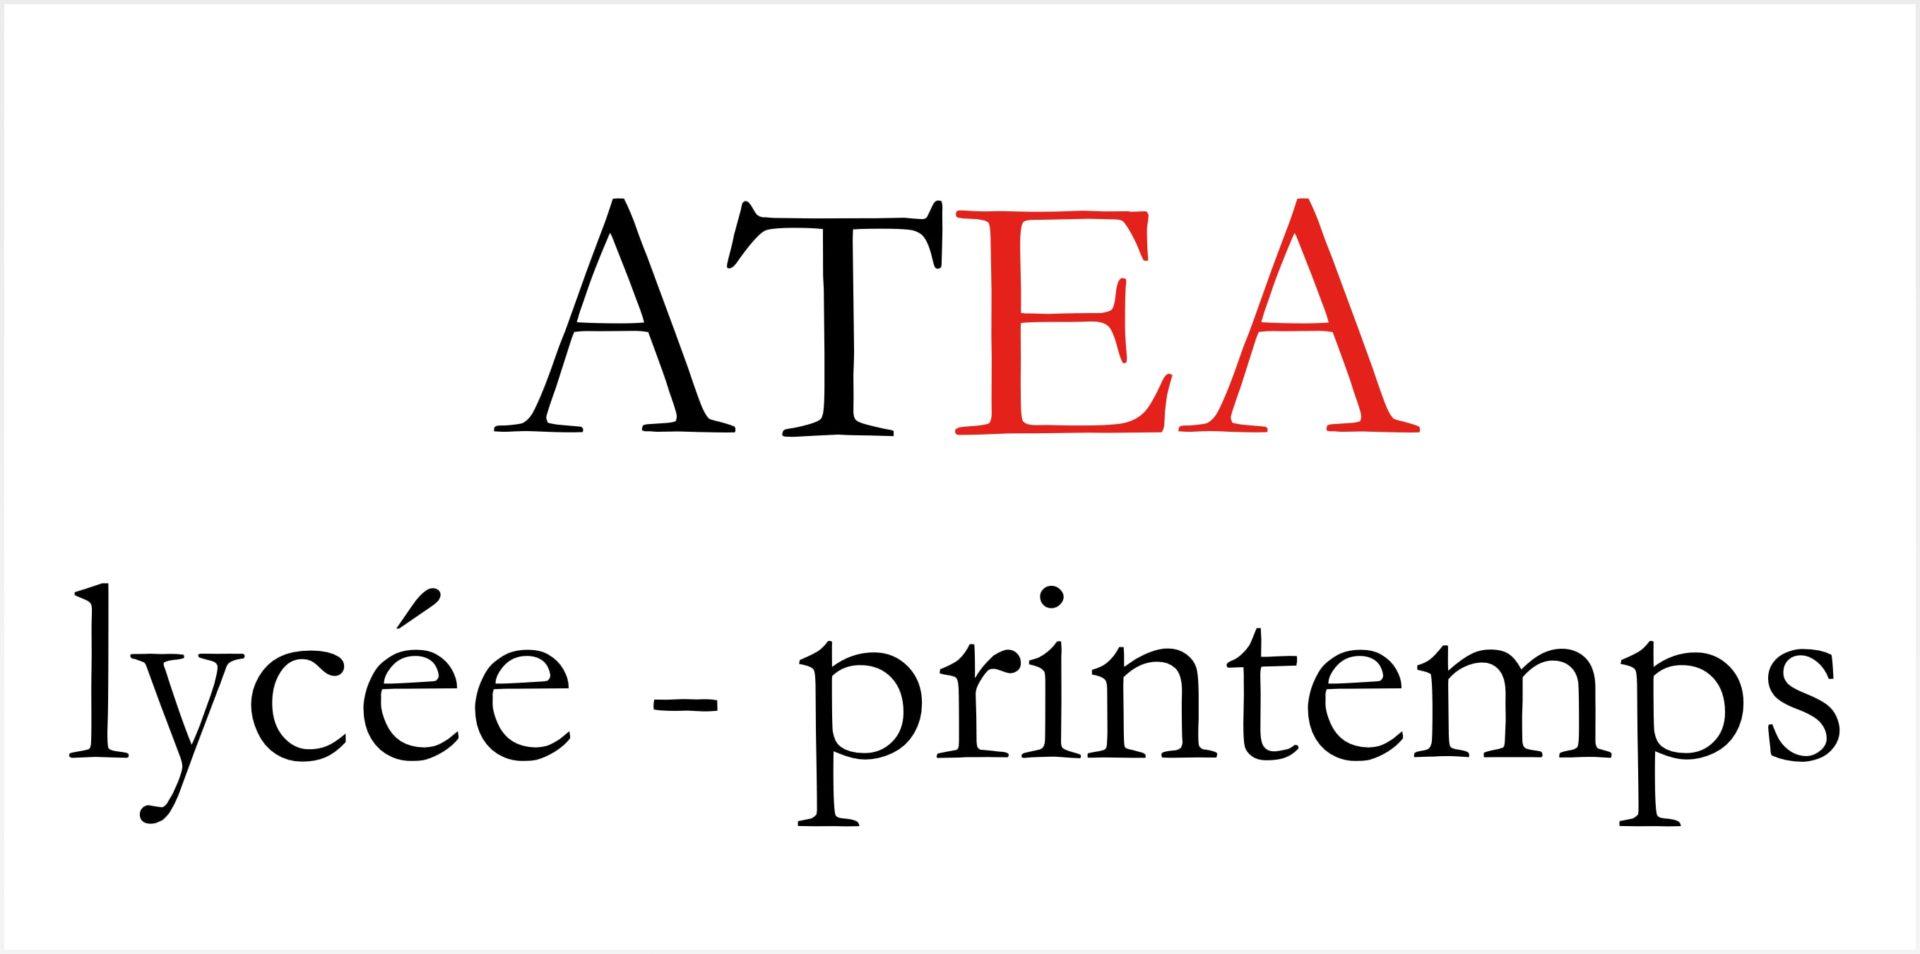 ATEA Lycée Printemps